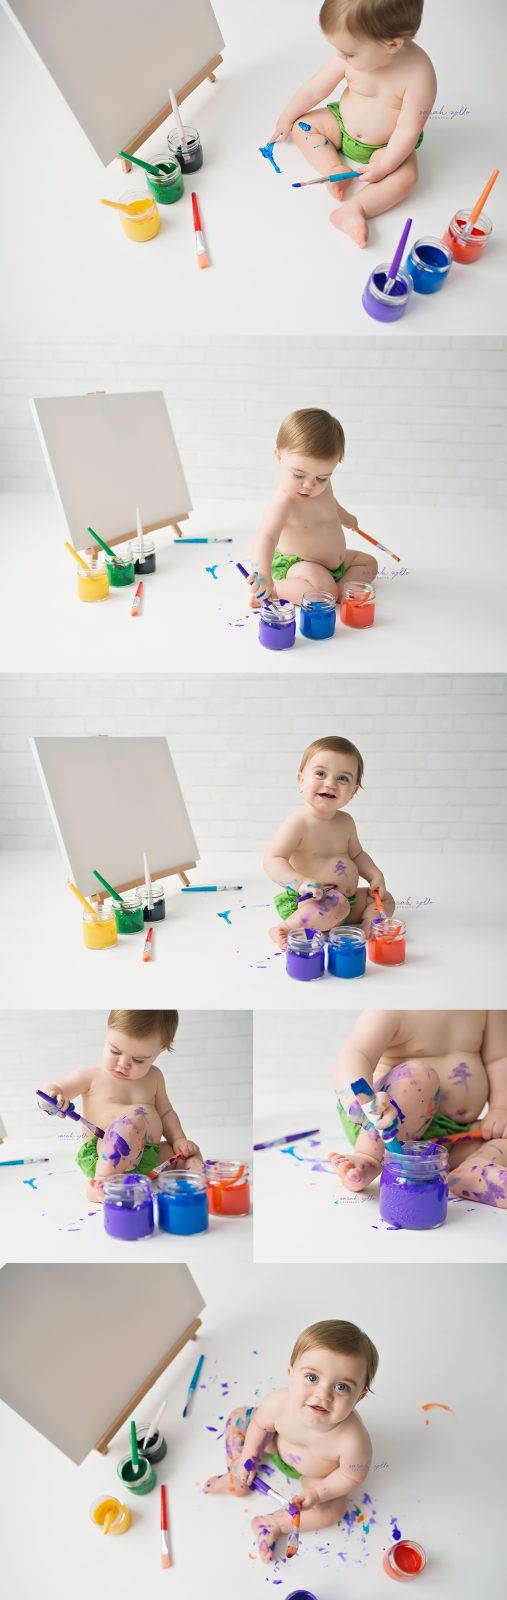 paint splash session